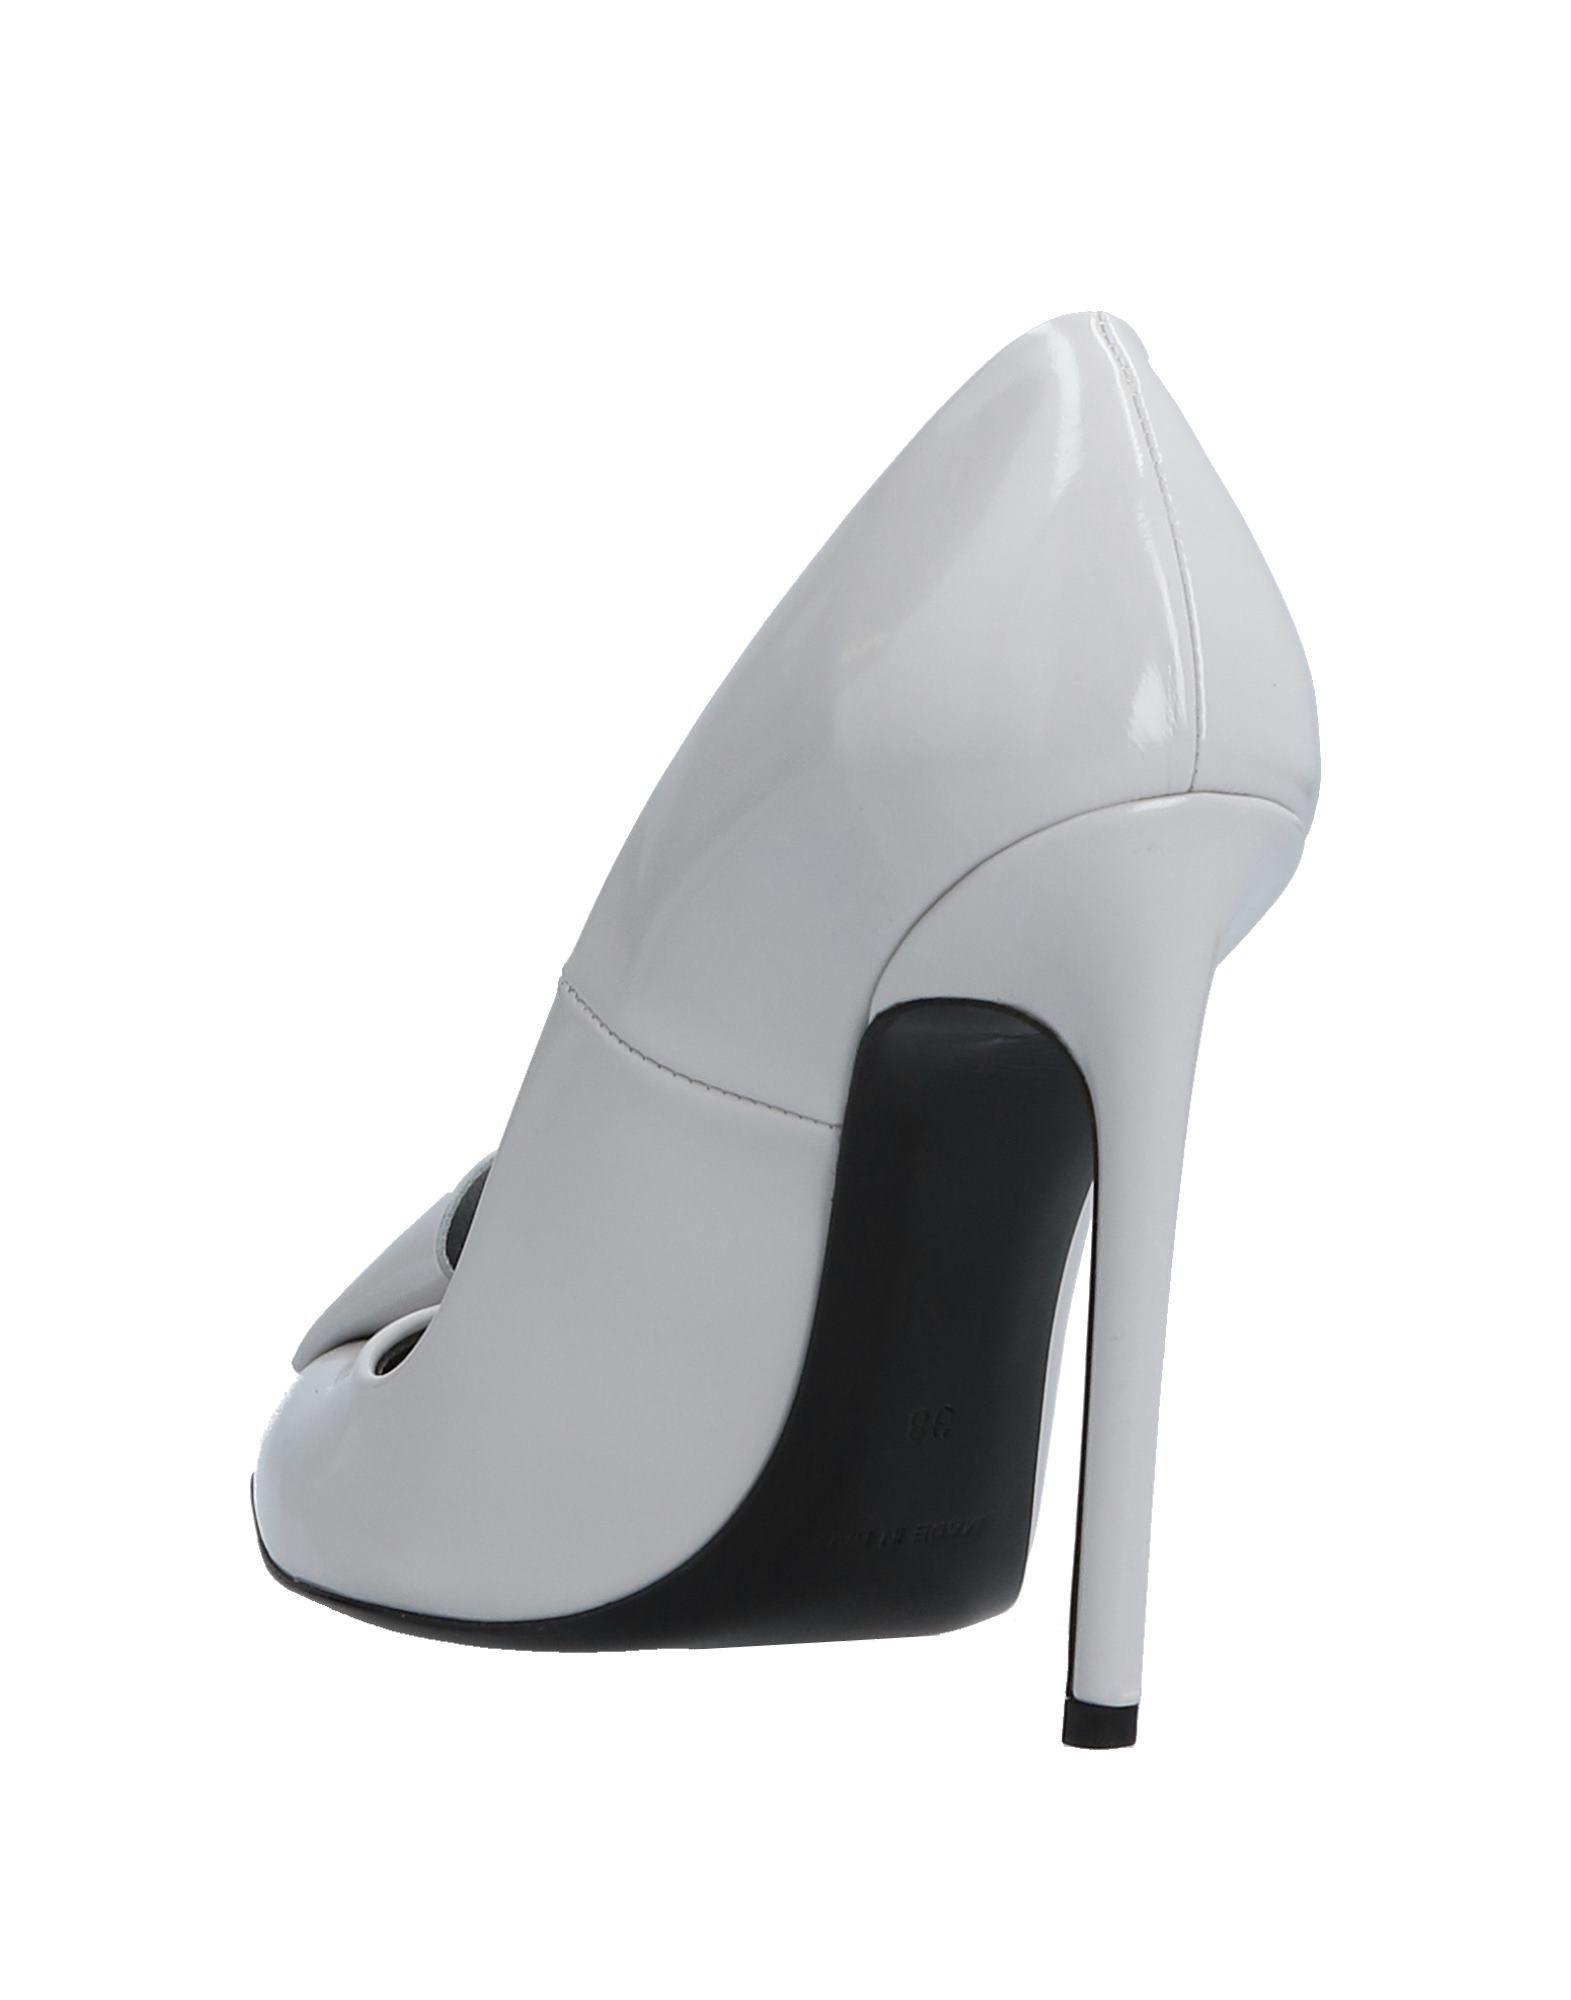 Rabatt Schuhe  Alain Tondowski Pumps Damen  Schuhe 11531695JI 7635f3